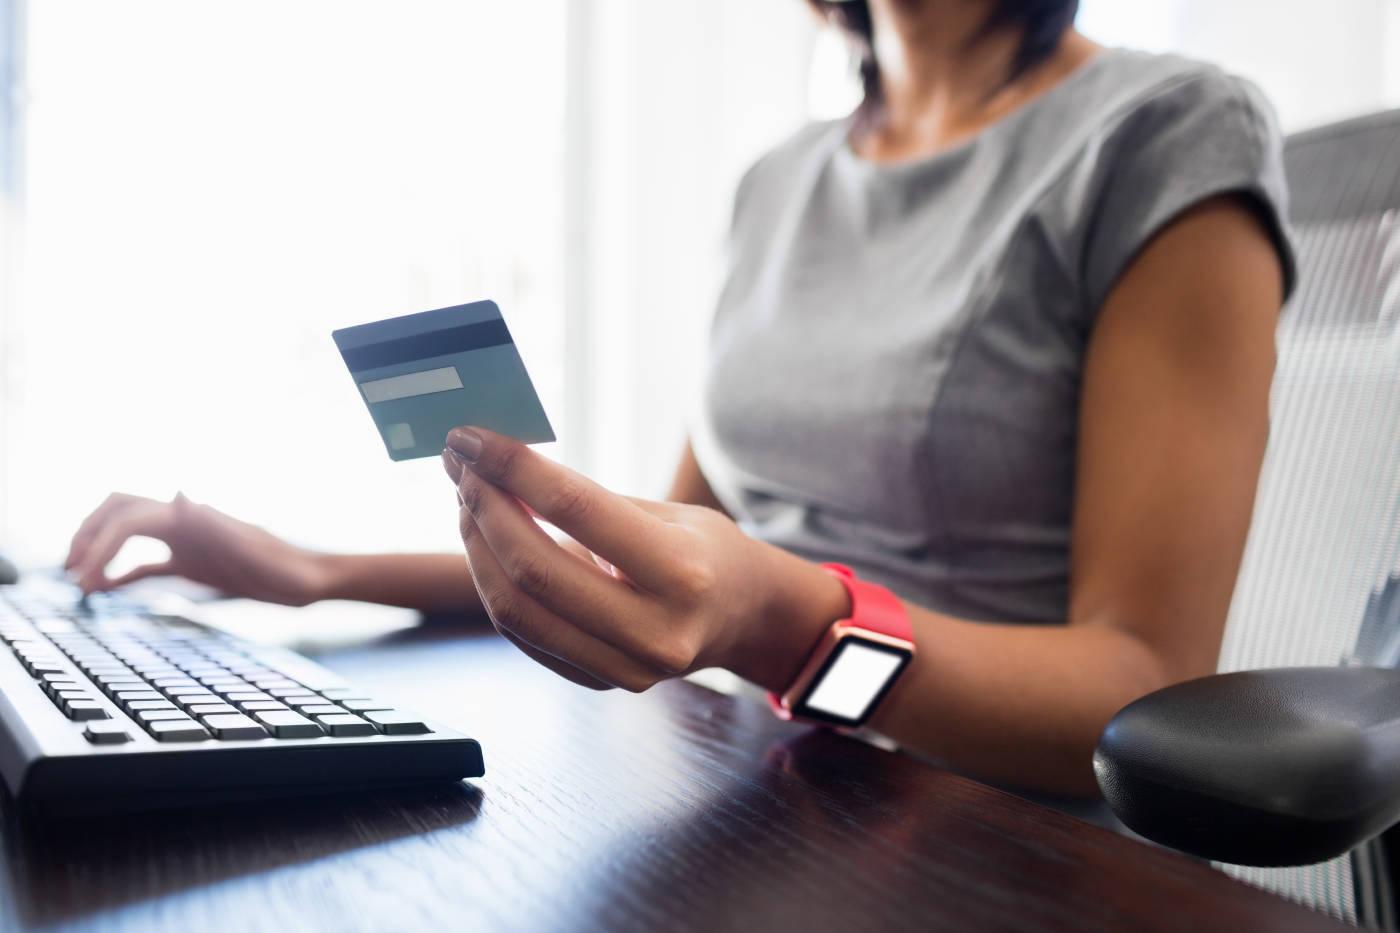 双十一,刷建设银行信用卡有哪些优惠?